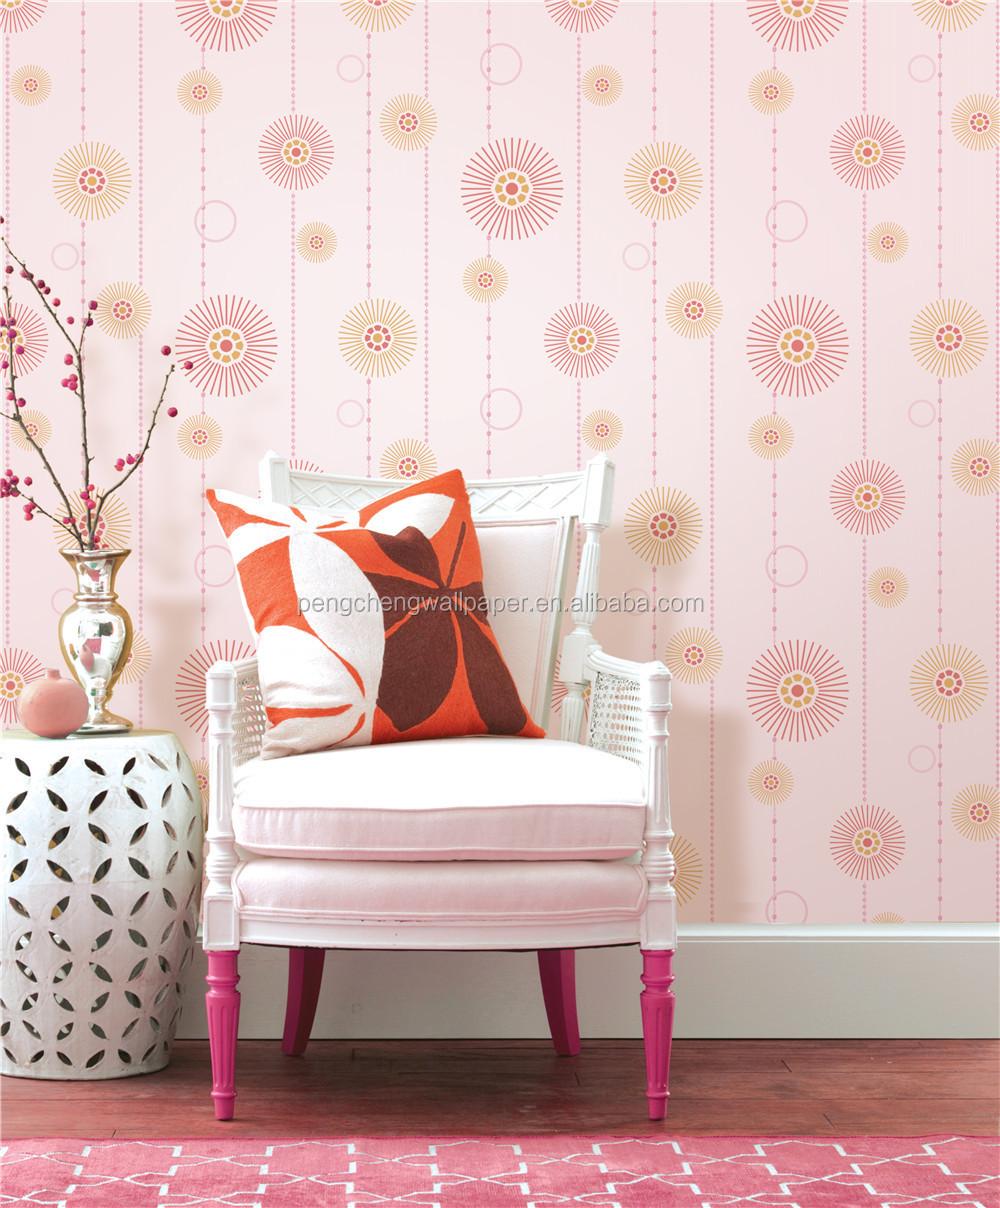 moderno interior de la casa papel pintado de lujo del papel pintado lavable